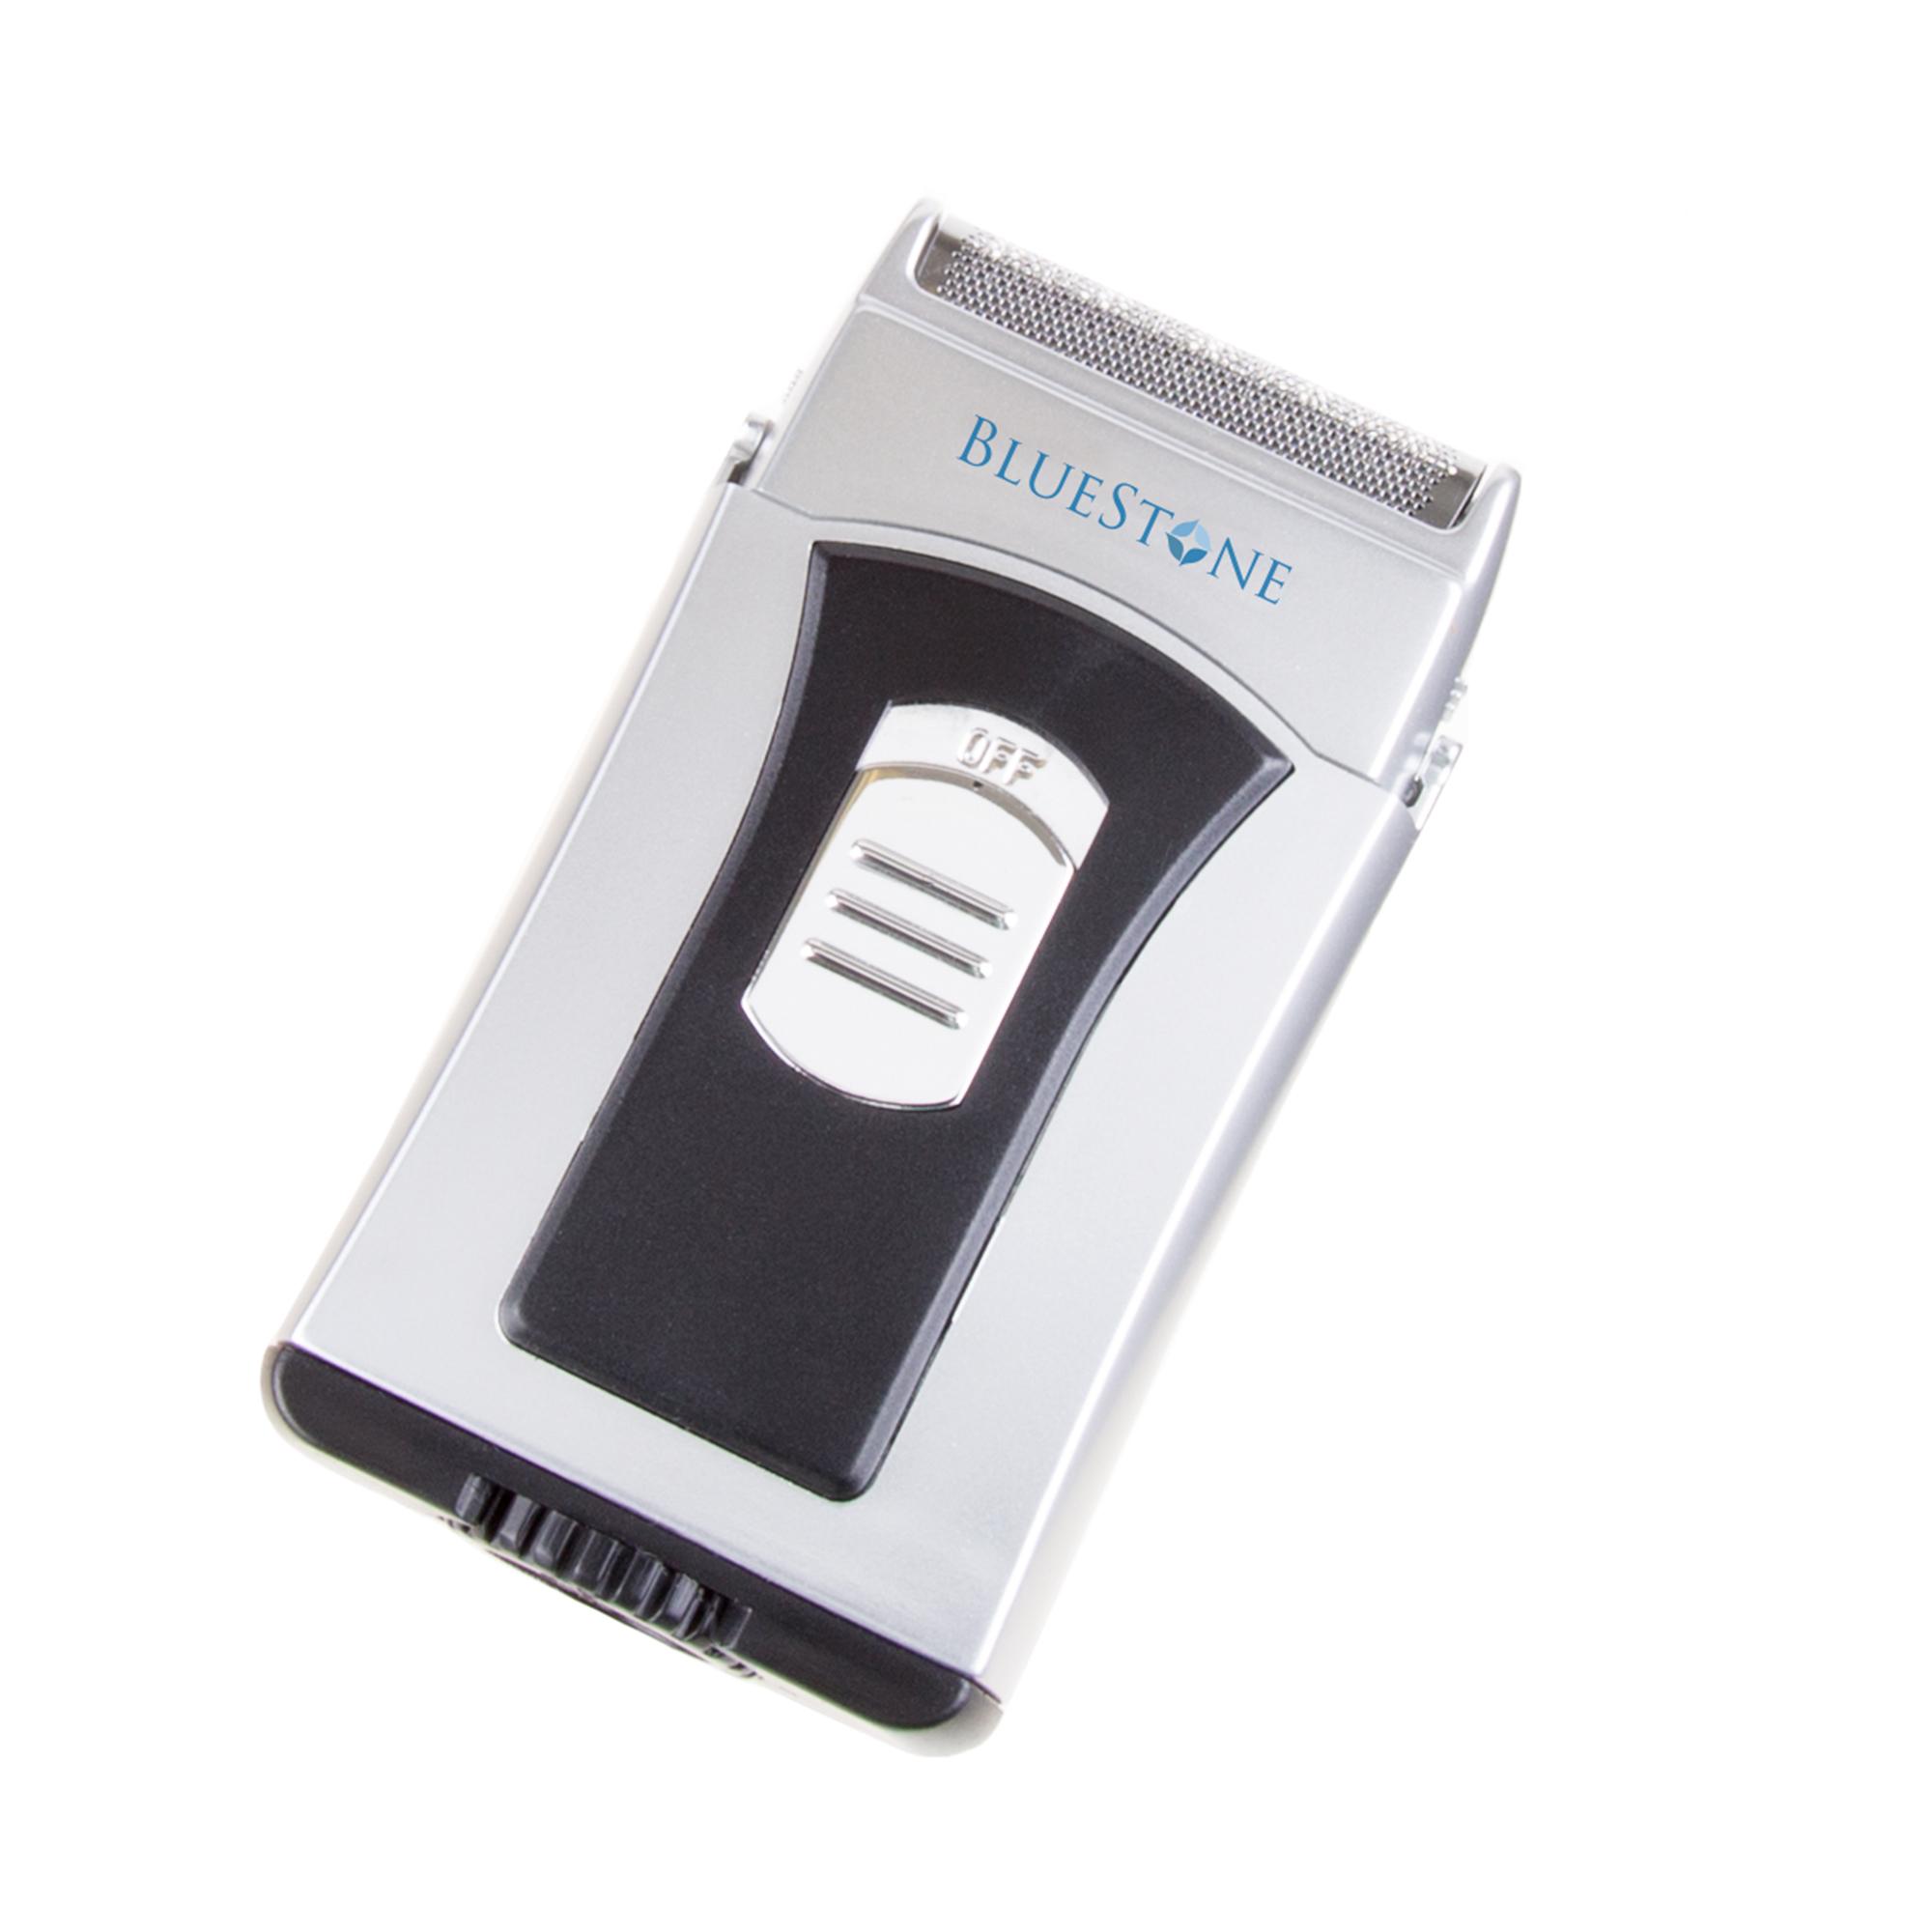 Bluestone Men's Cordless Electric Wet and Dry Shaver 582e0f14e22461457e139d27